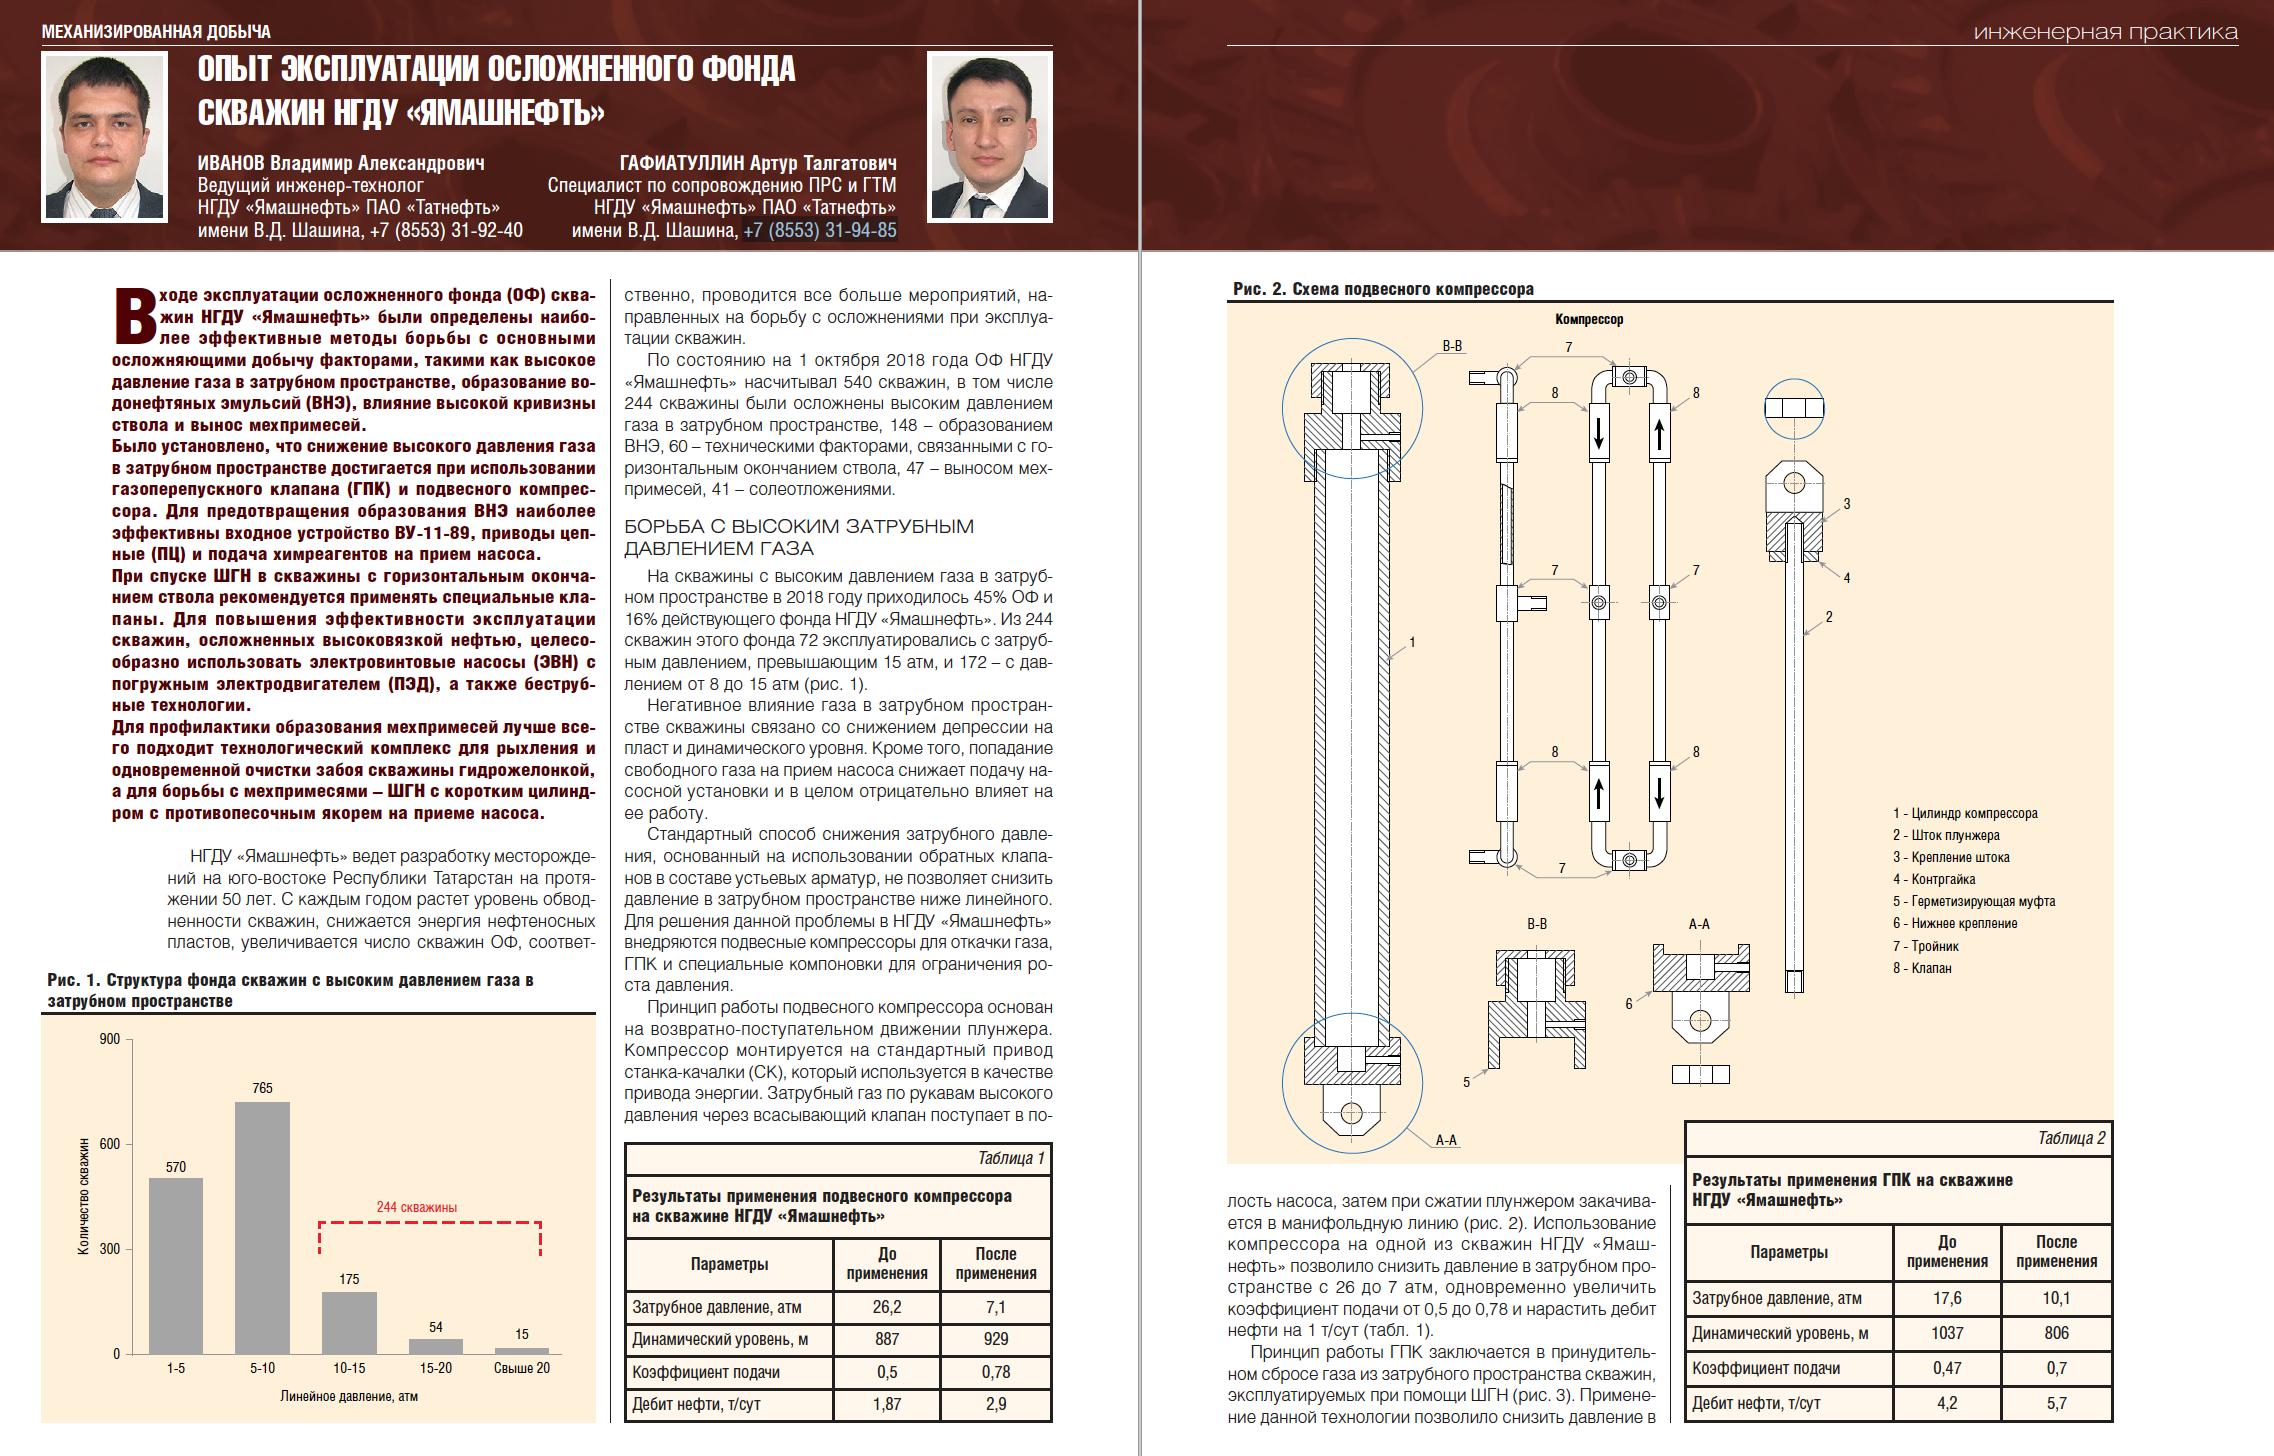 29100 Опыт эксплуатации осложненного фонда скважин НГДУ «Ямашнефть»